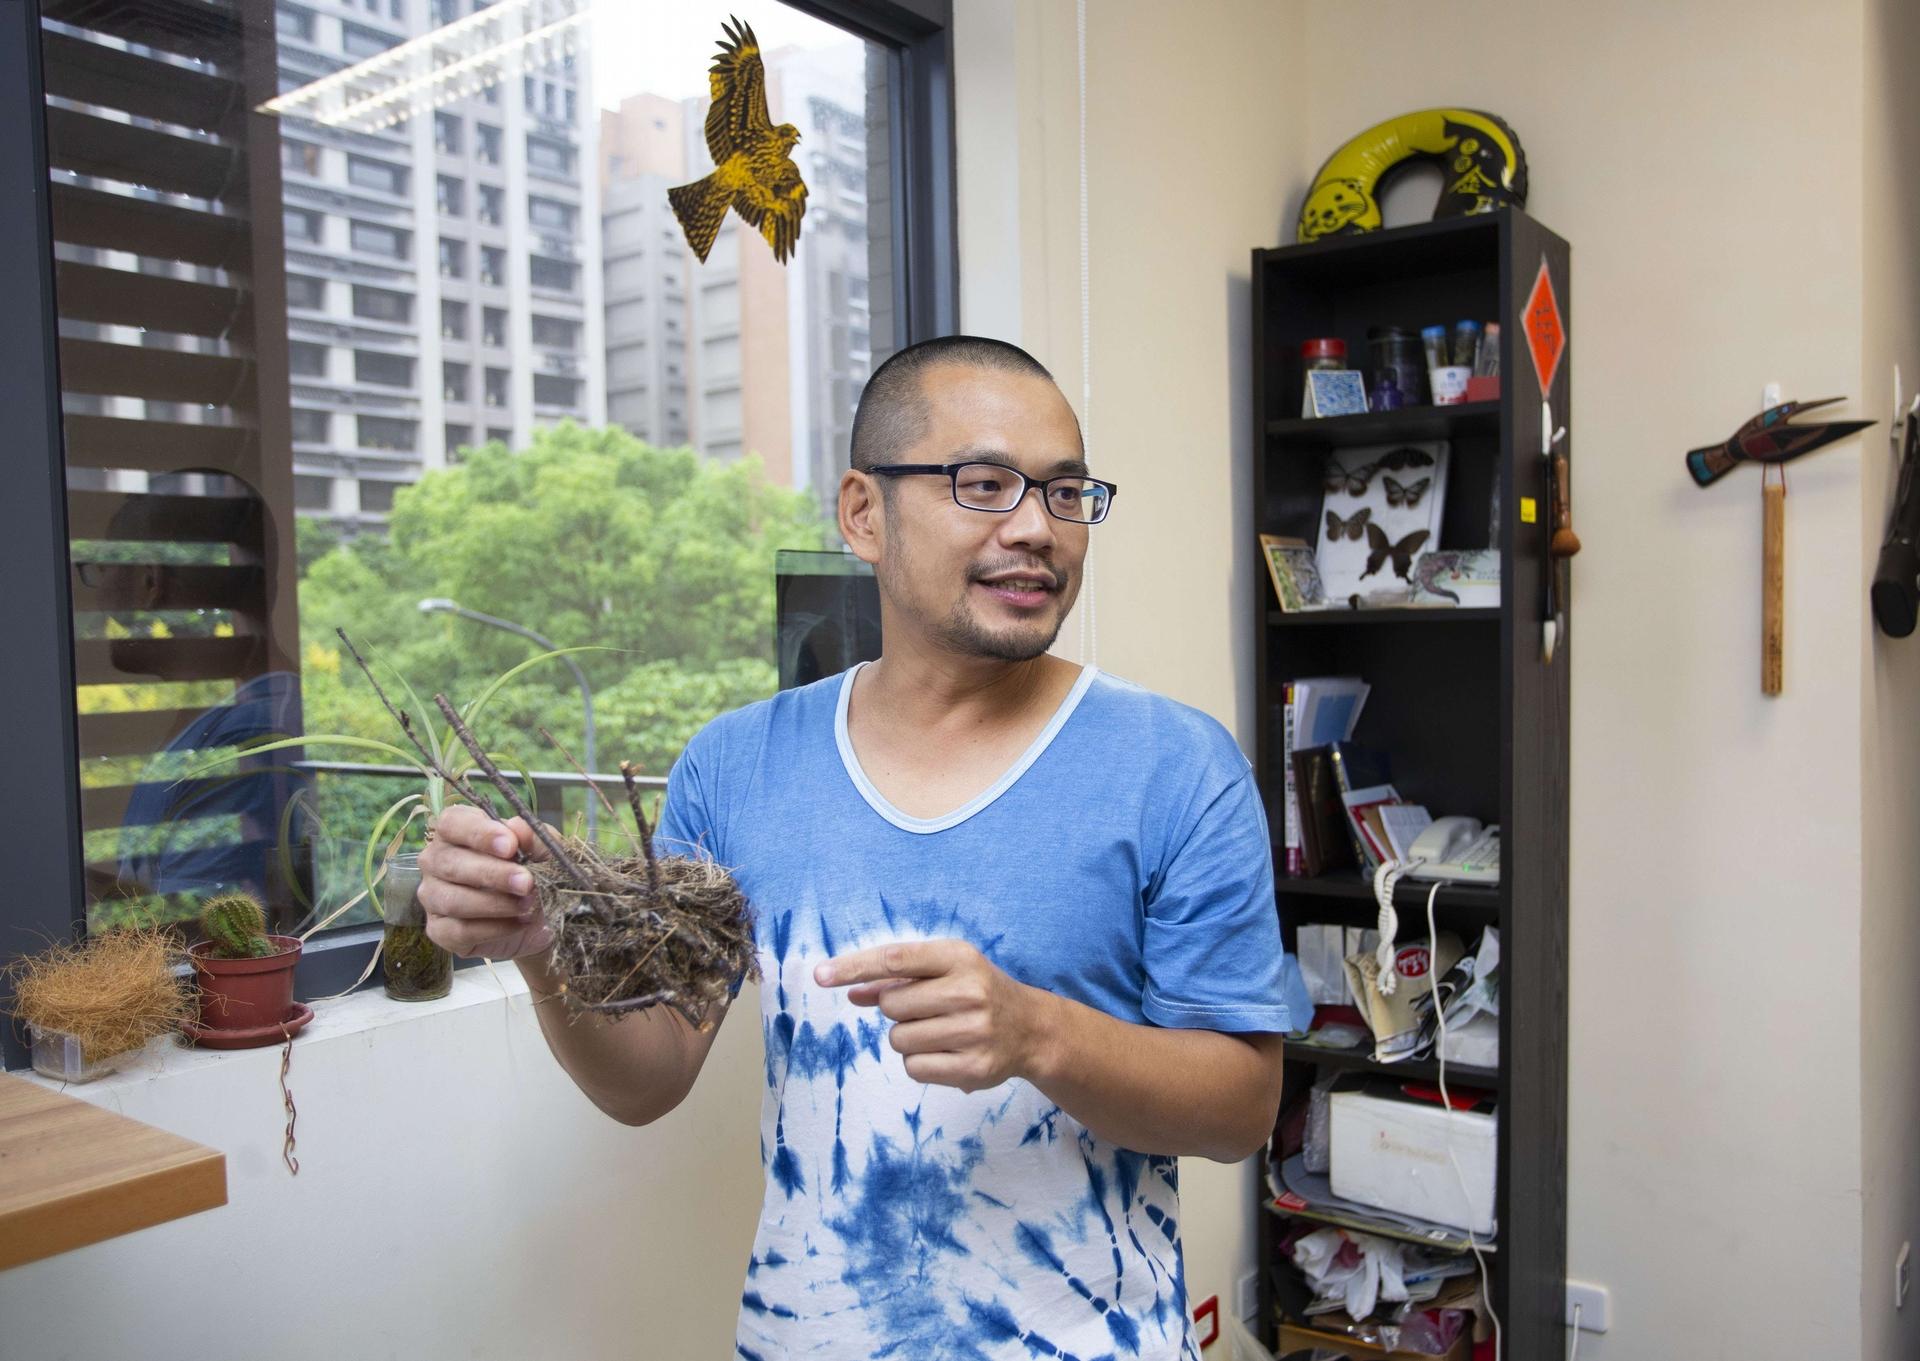 中研院生物多樣性研究中心洪志銘副研究員,對於鳥巢在適應環境上的變化相當感興趣,也是目前全世界研究鳥巢演化的先驅。 圖│研之有物